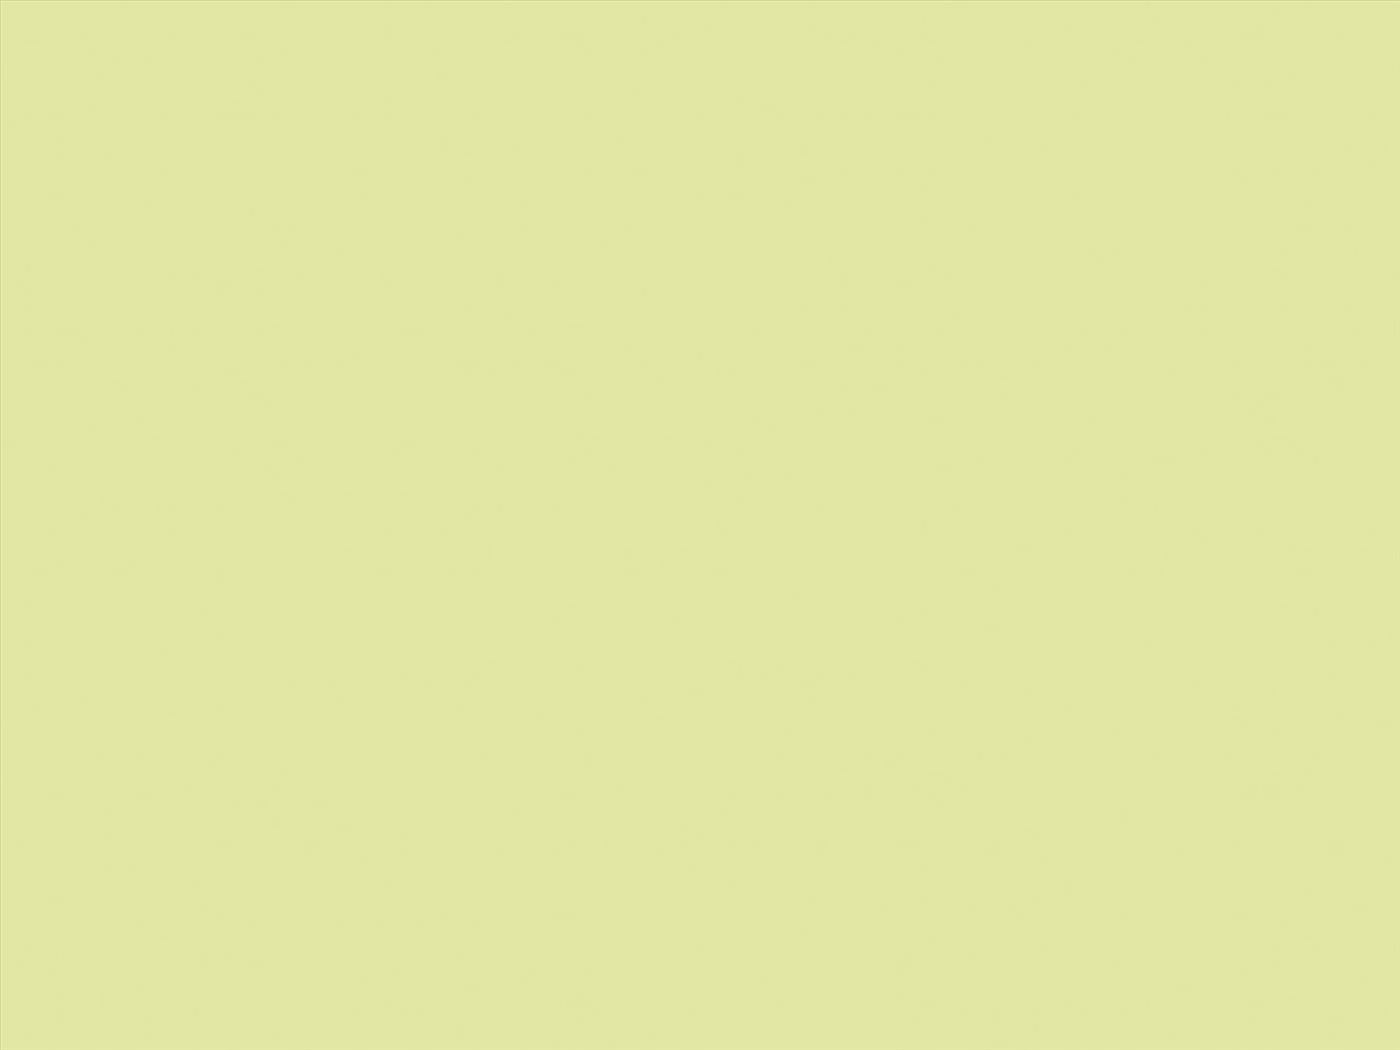 קוריאן lime ice